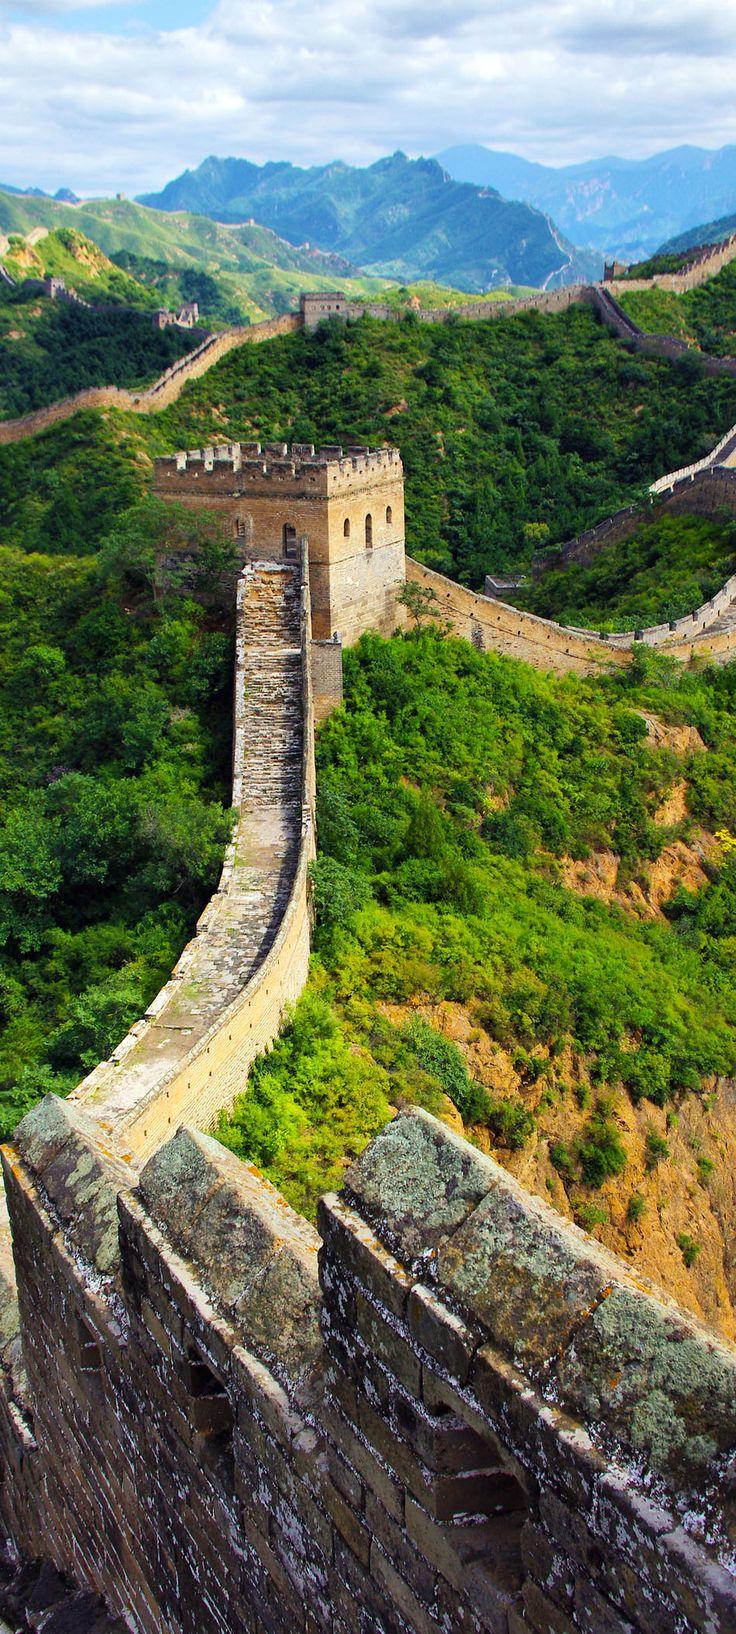 La gran pare de China es muy grande. Yo quiero ir por que hay una vista panaromica. Tienen muchas comidas que me gustan y has visto. Y China tienen un poplacion grande.